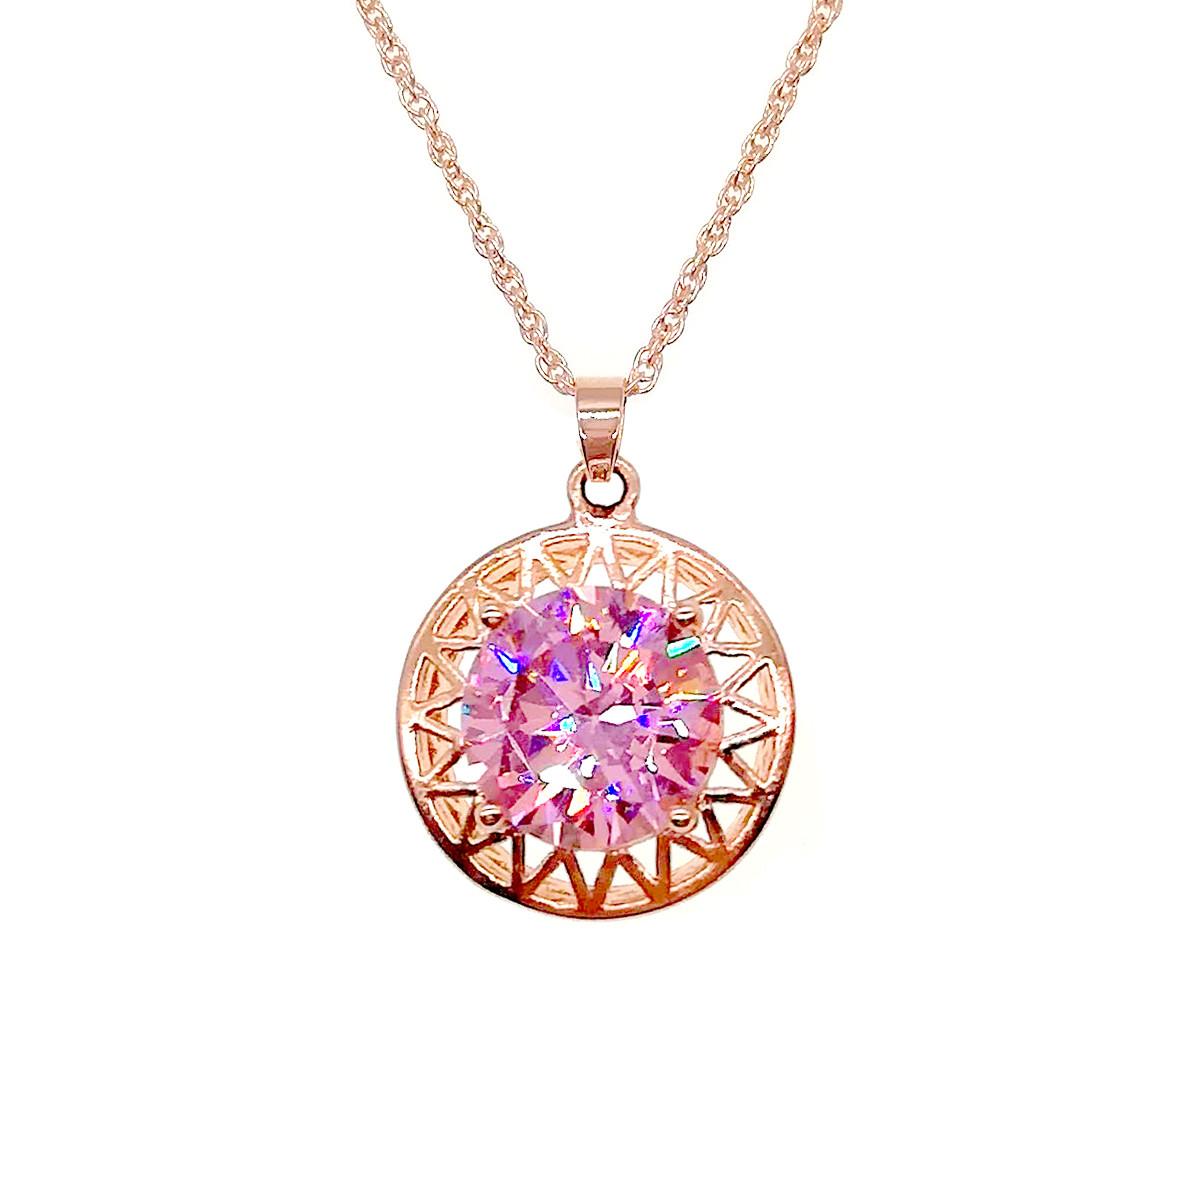 Подвеска на цепочке SONATA из медицинского золота, нежно-розовый фианит, позолота PO, 42174             (1)